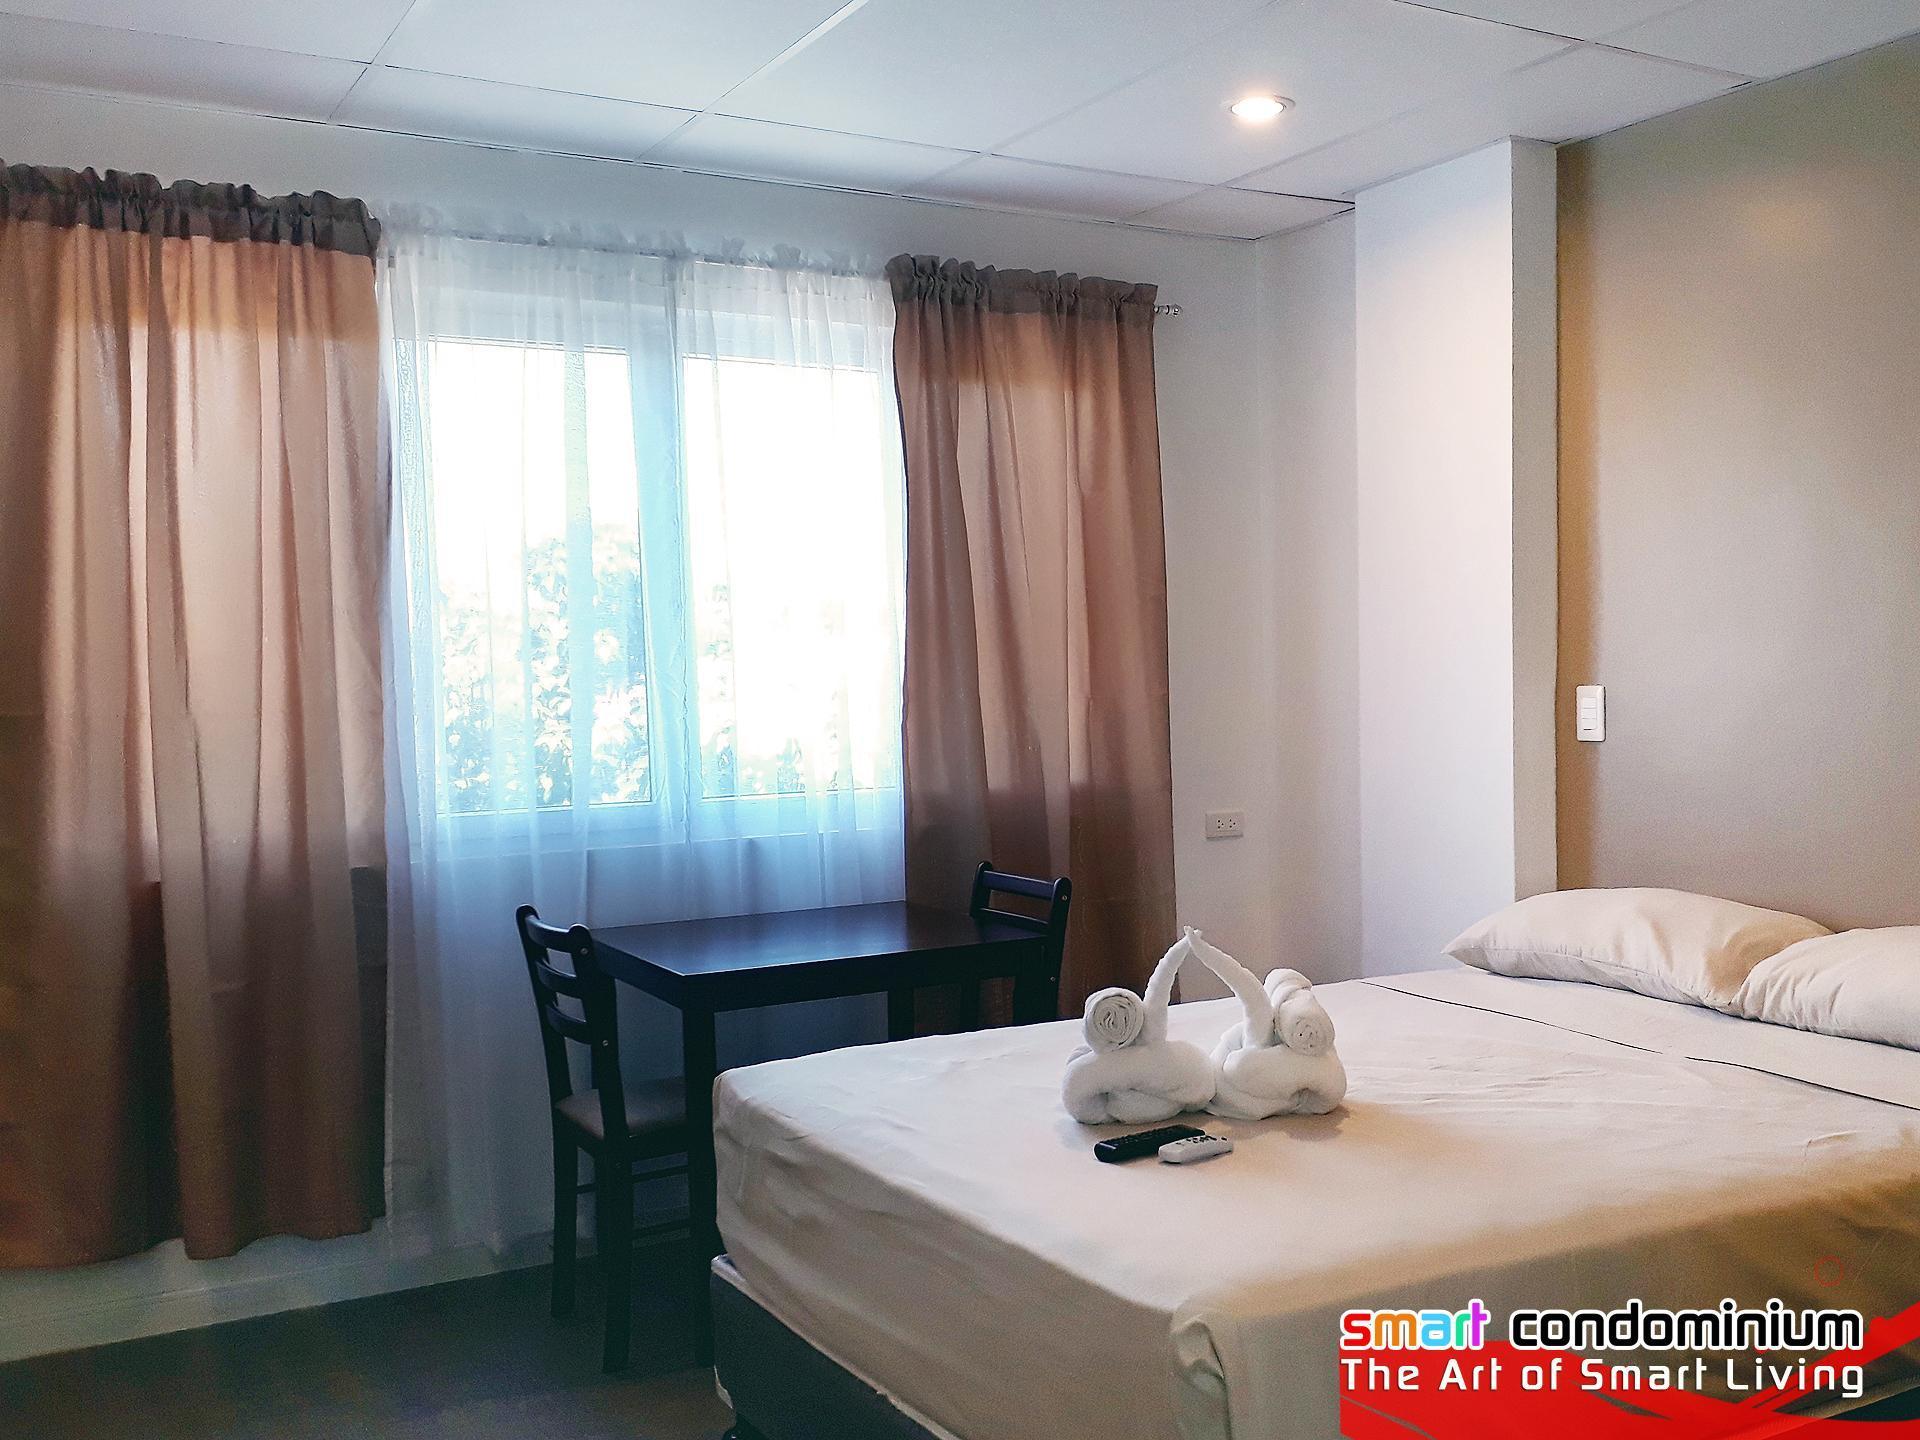 Smart Condominium   Studio 2   Cagayan De Oro